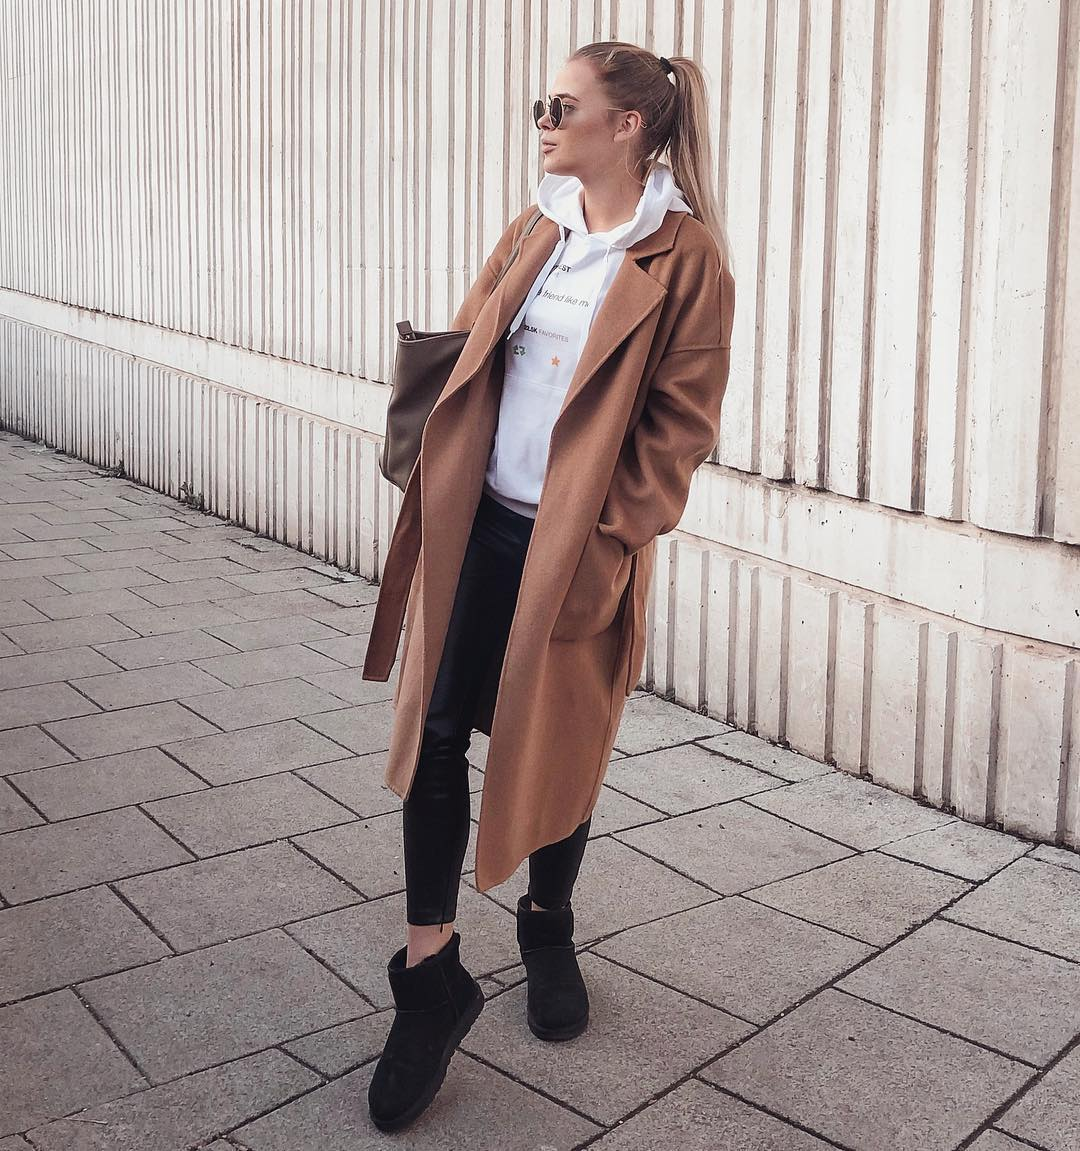 coat with pockets and belt de Zara sur mildagud